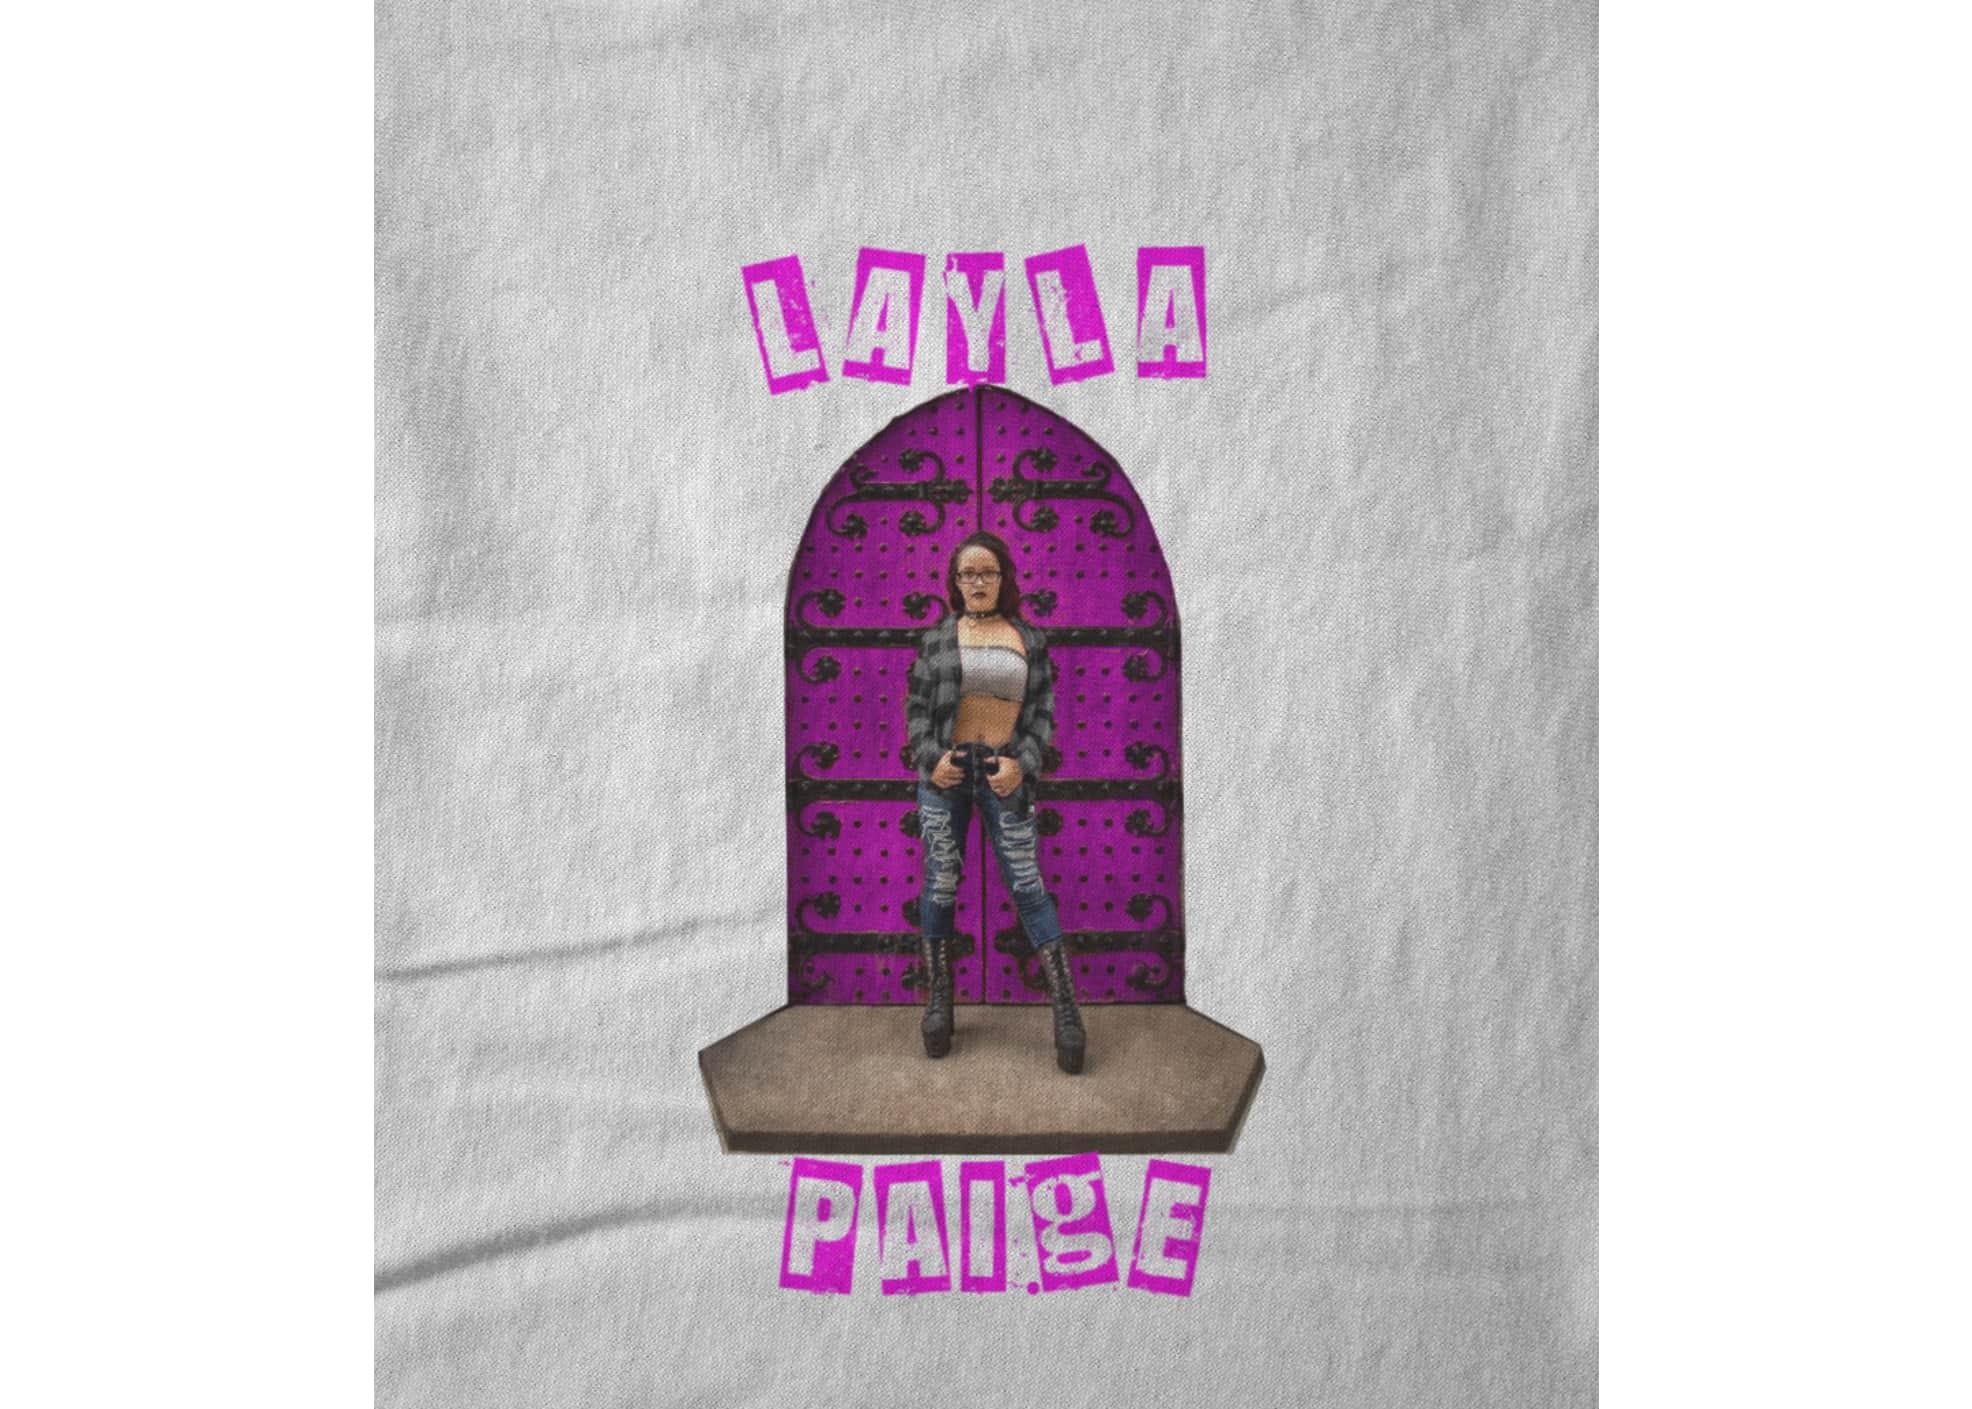 Layla paige the door 1598449001